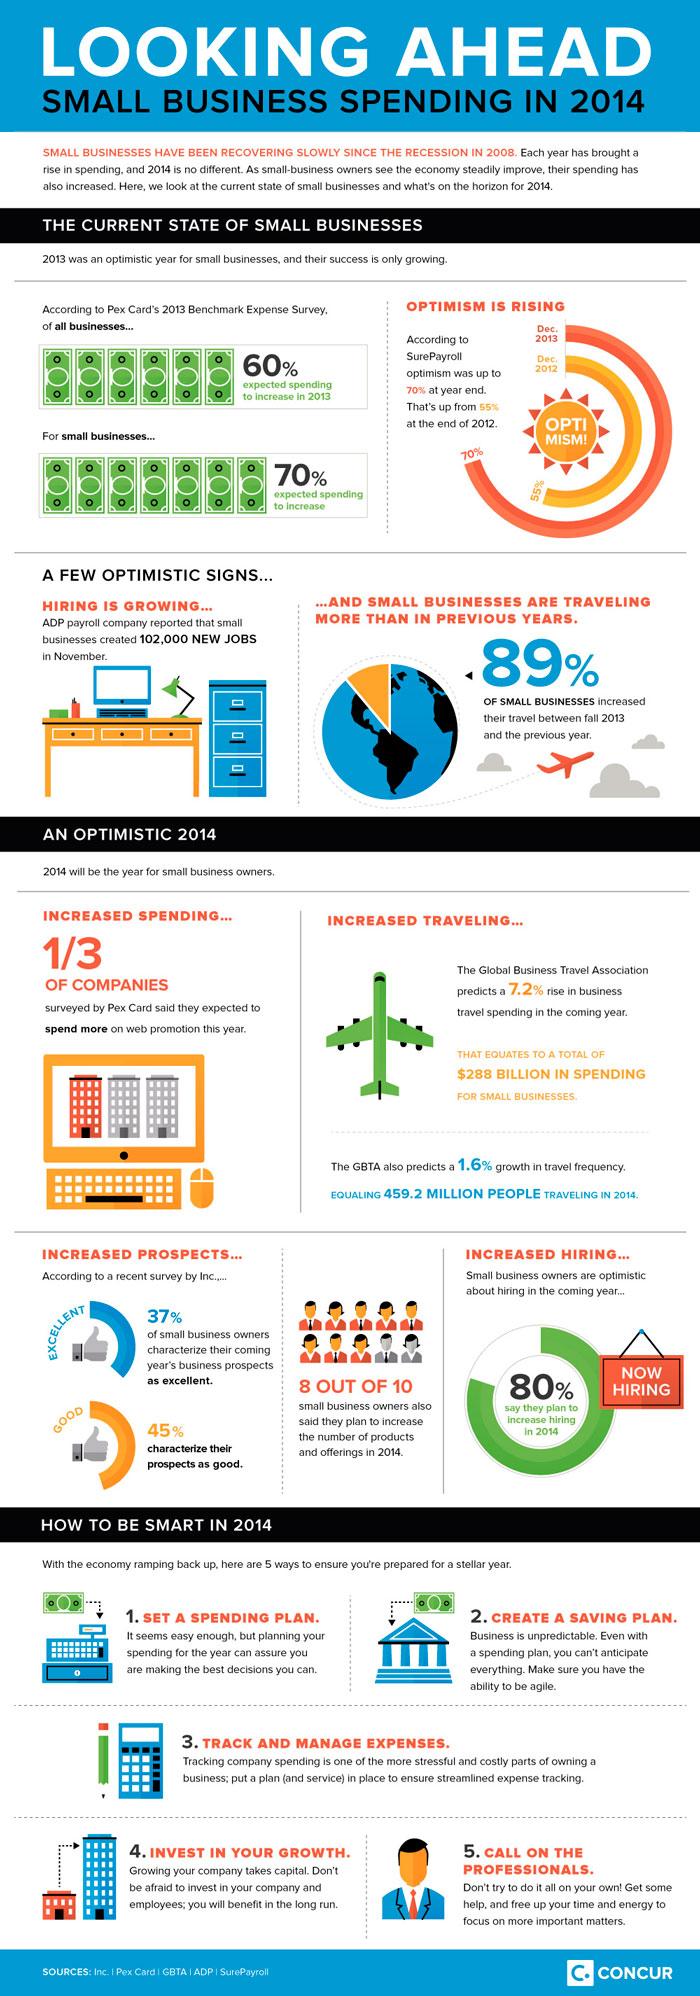 Как Быть Мудрее В Своих Расходах в 2014 году (инфографика).